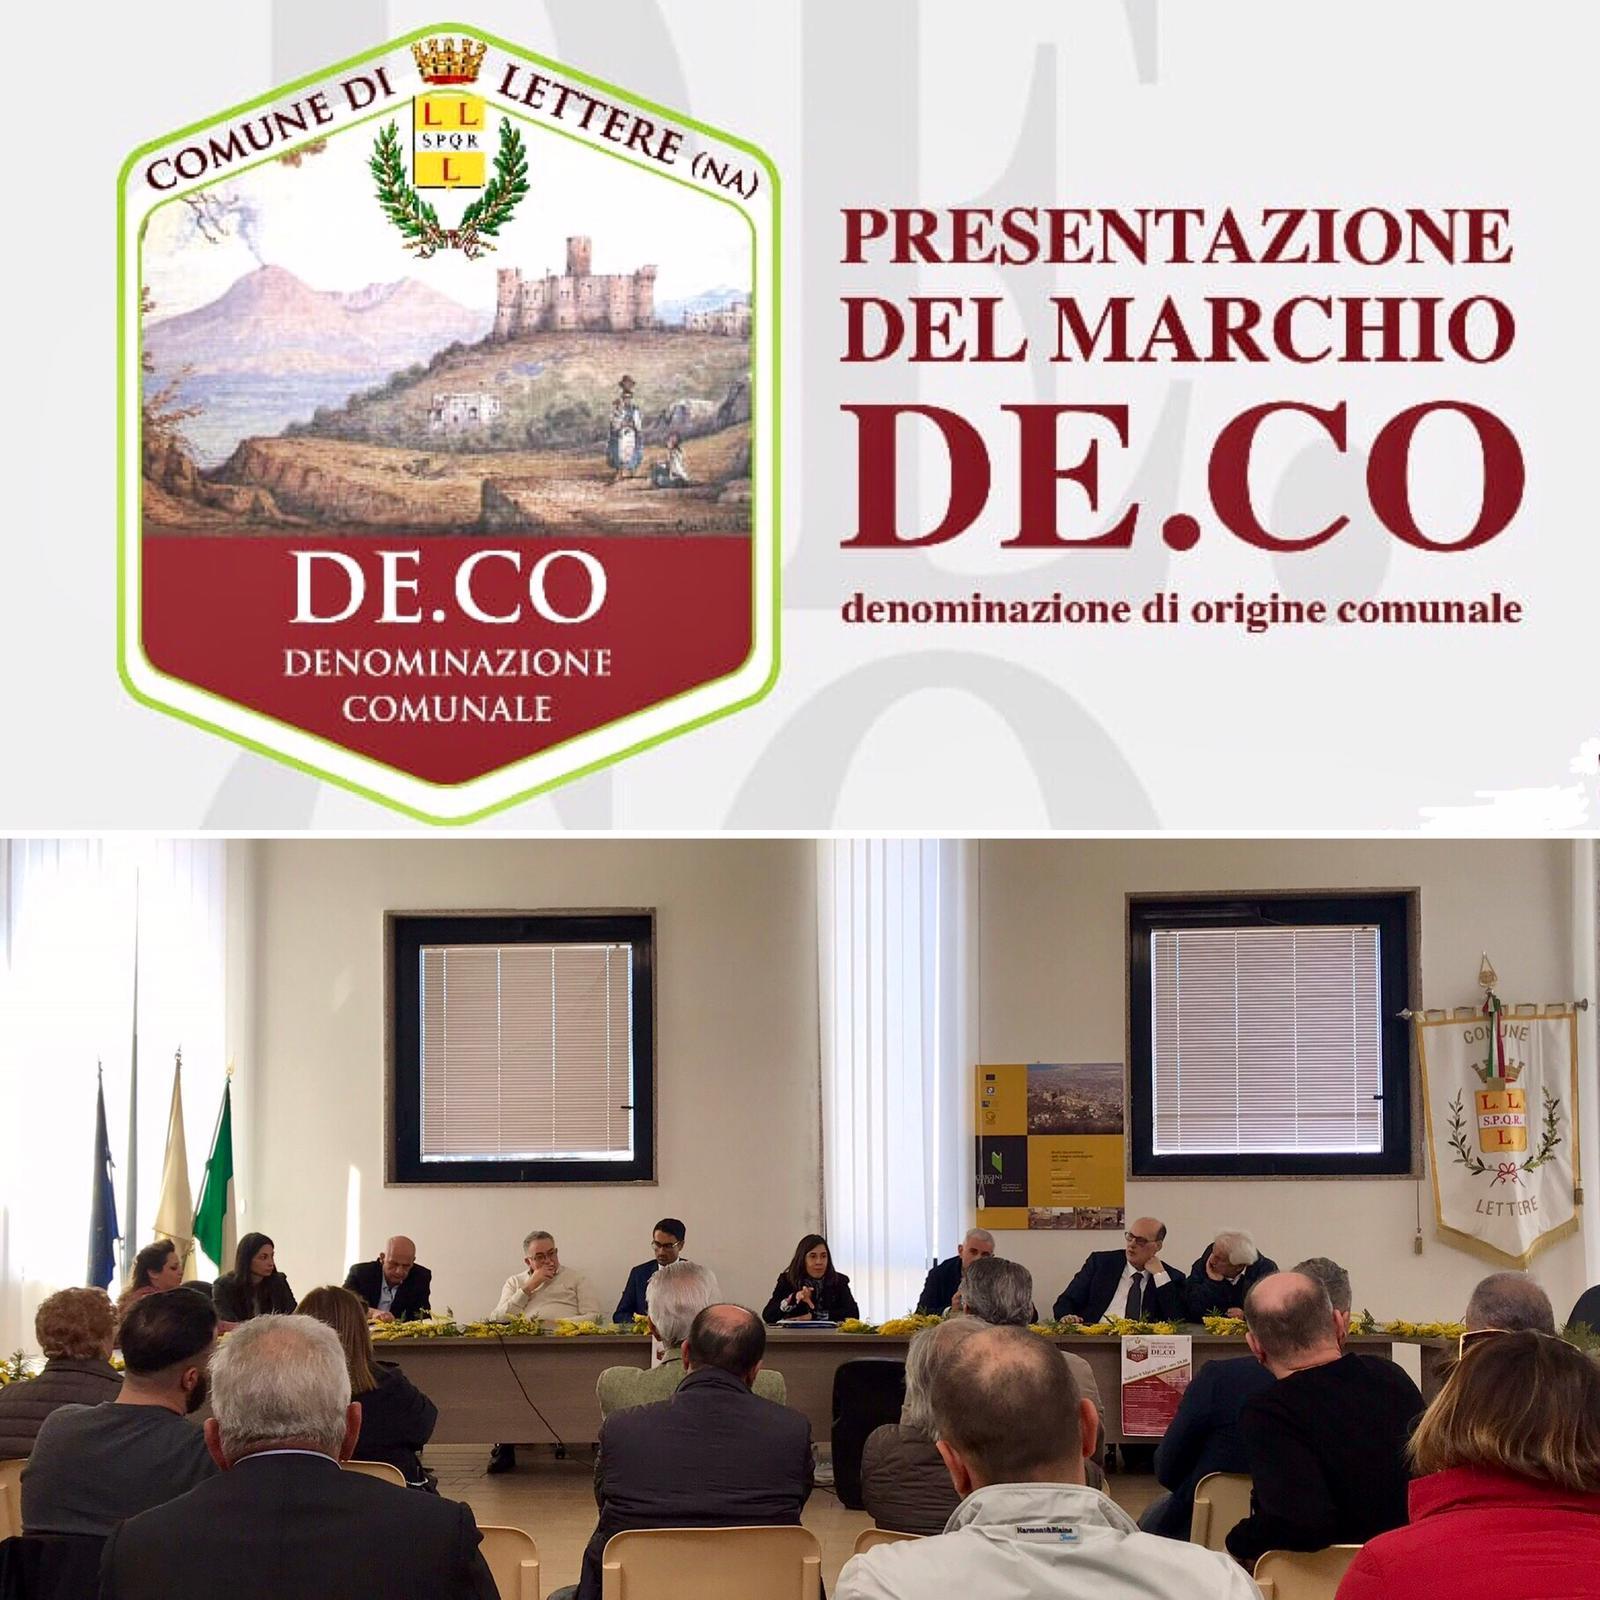 Il Comune di Lettere istituisce il marchio De.Co, la Denominazione Comunale di Origine a difesa dei prodotti del territorio.